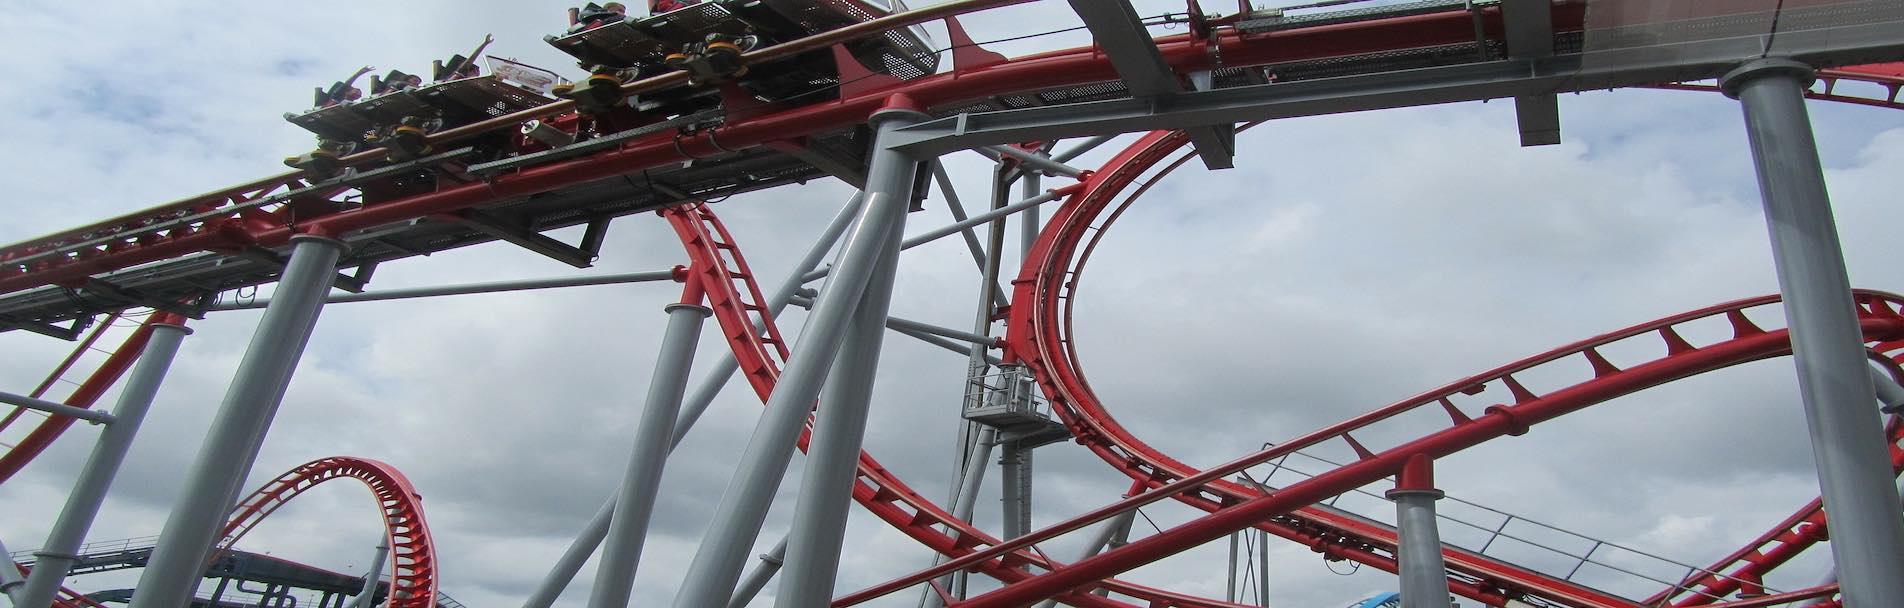 Wann endet die Panik_Rollercoaster_Cover